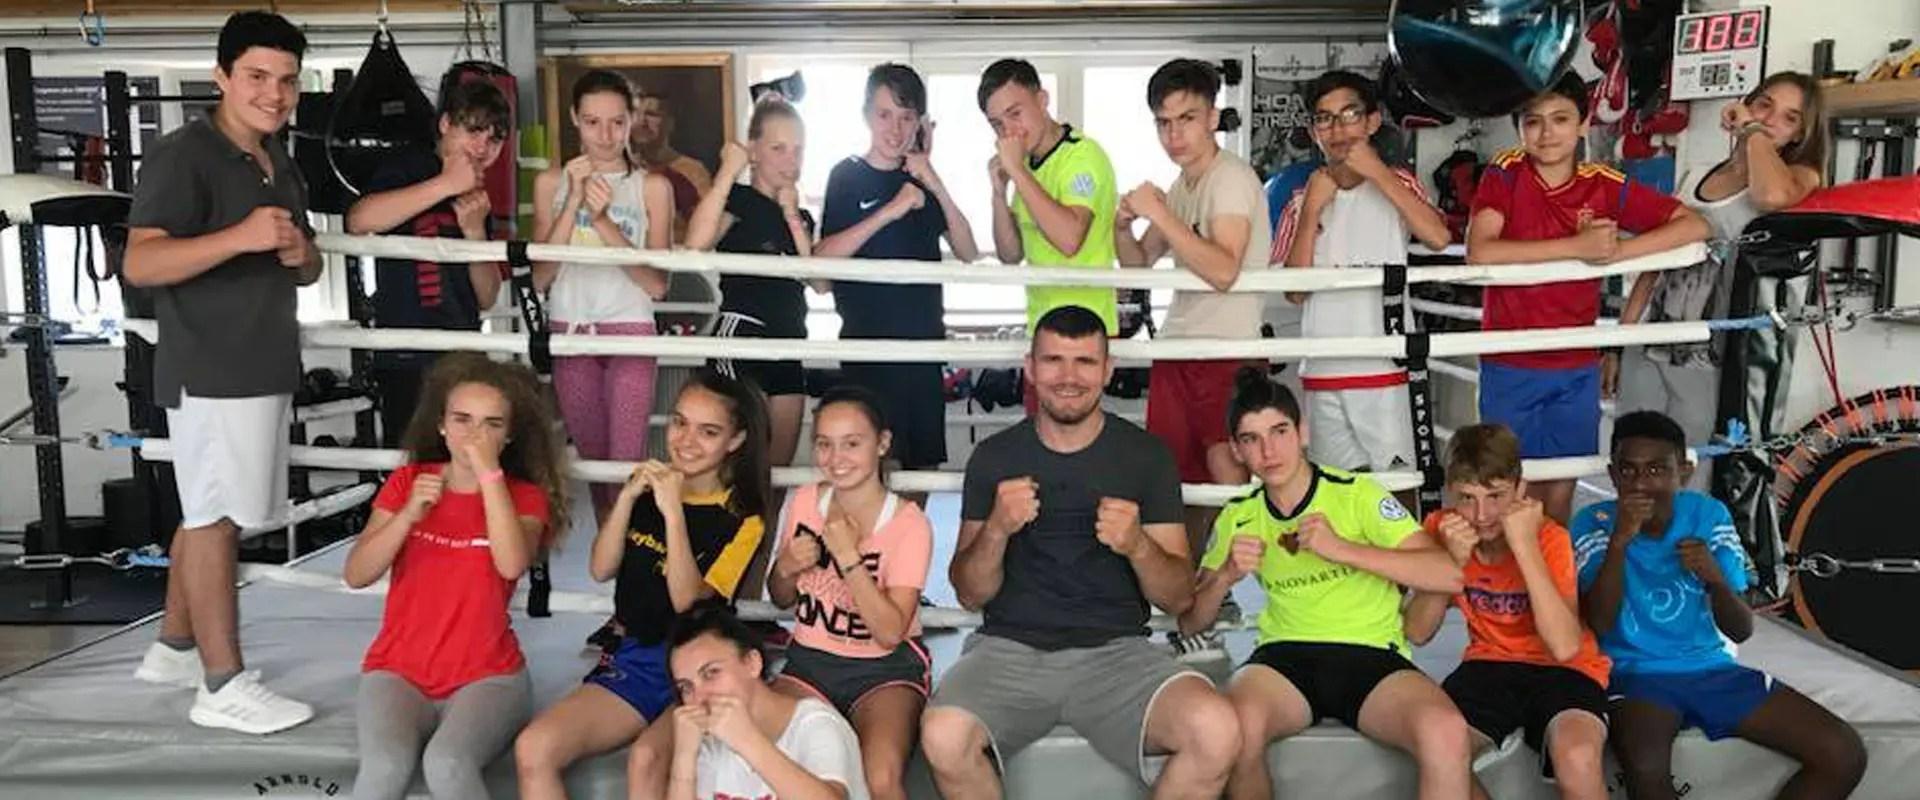 Permalink to: Fitnesstraining für Jugendliche & Lehrlinge (13-18 Jahre)